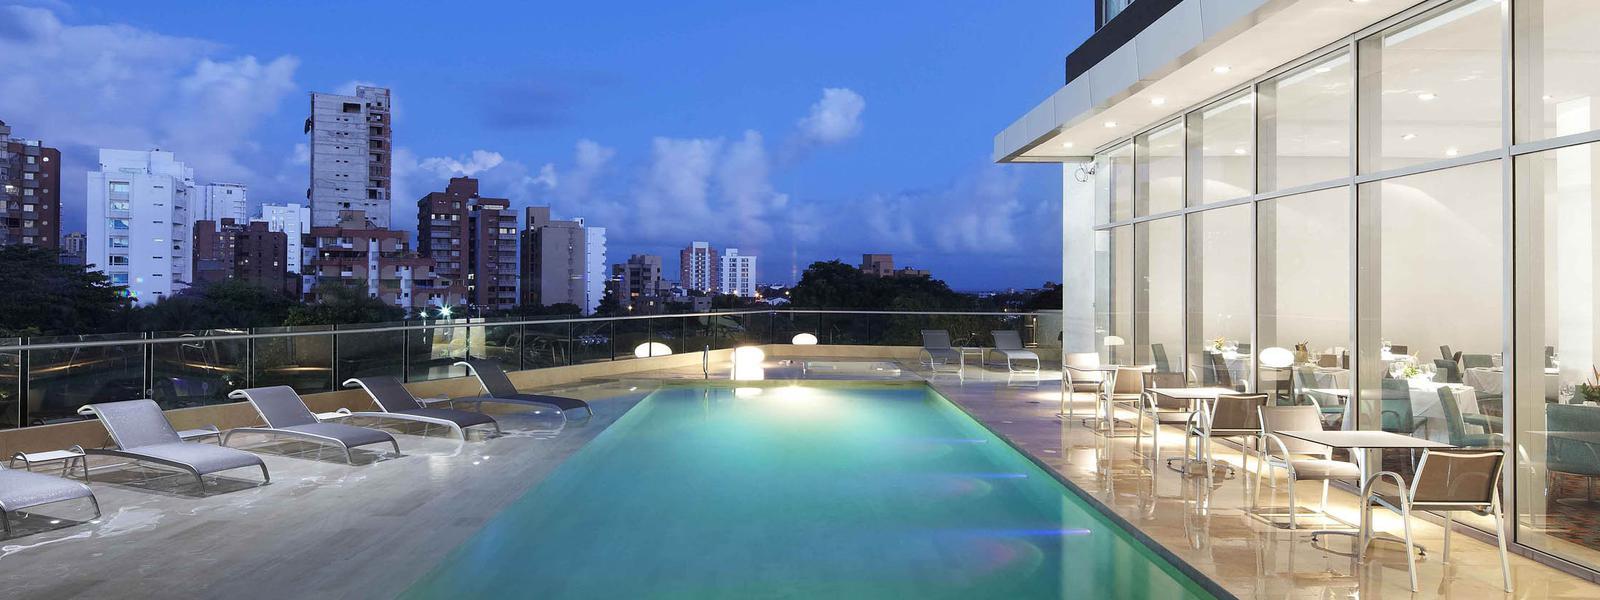 Hotel ESTELAR En Alto Prado en Barranquilla Web oficial